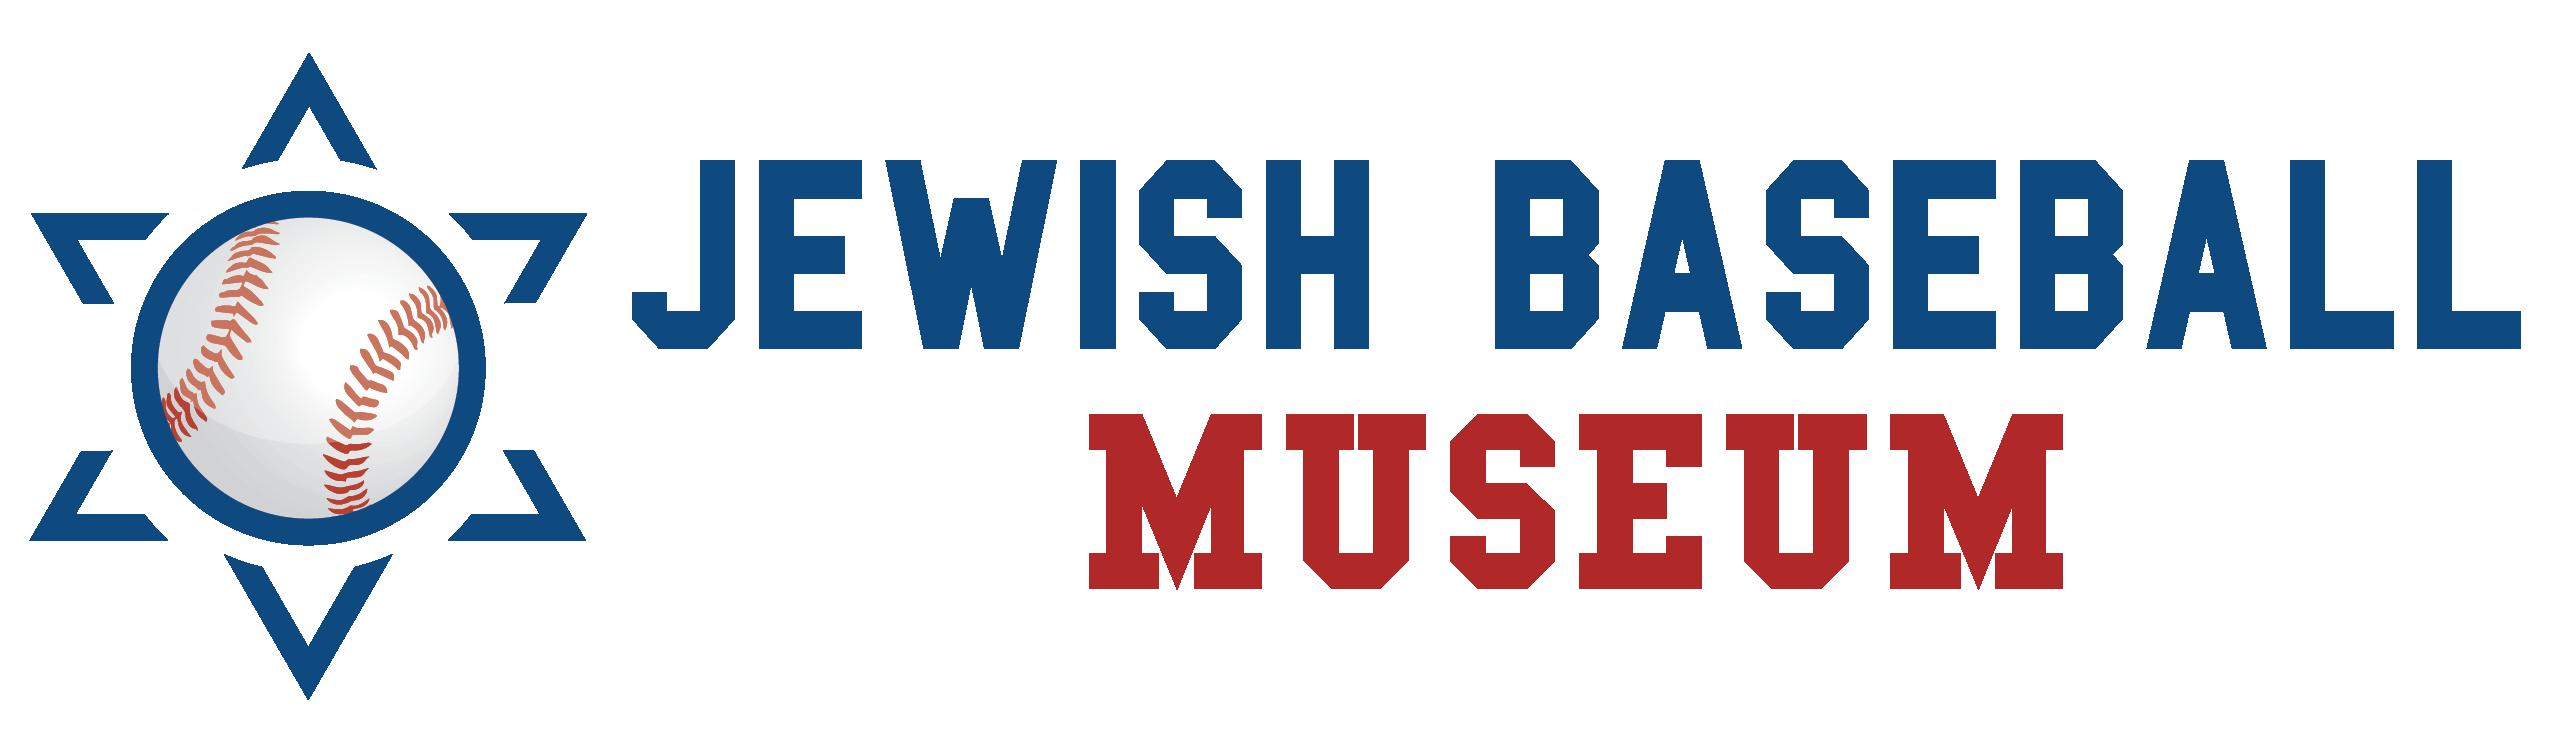 Jewish Baseball Museum